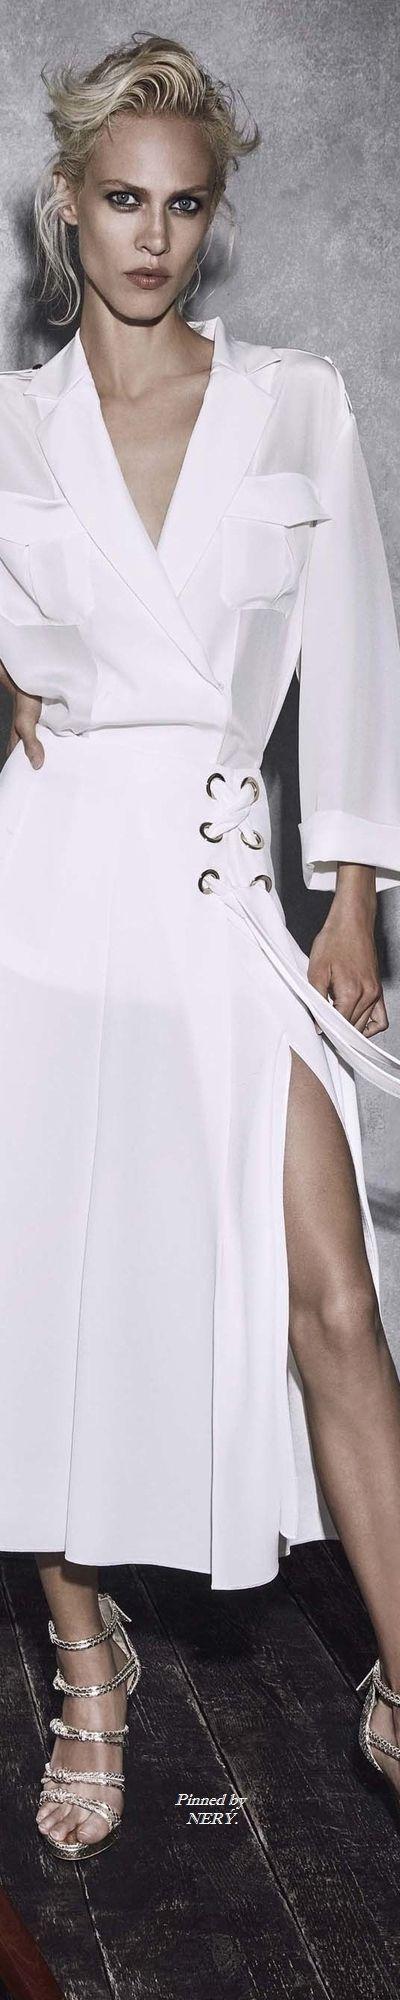 Innenfarben für die halle  best maxi dresses u skirts images on pinterest  dress skirt